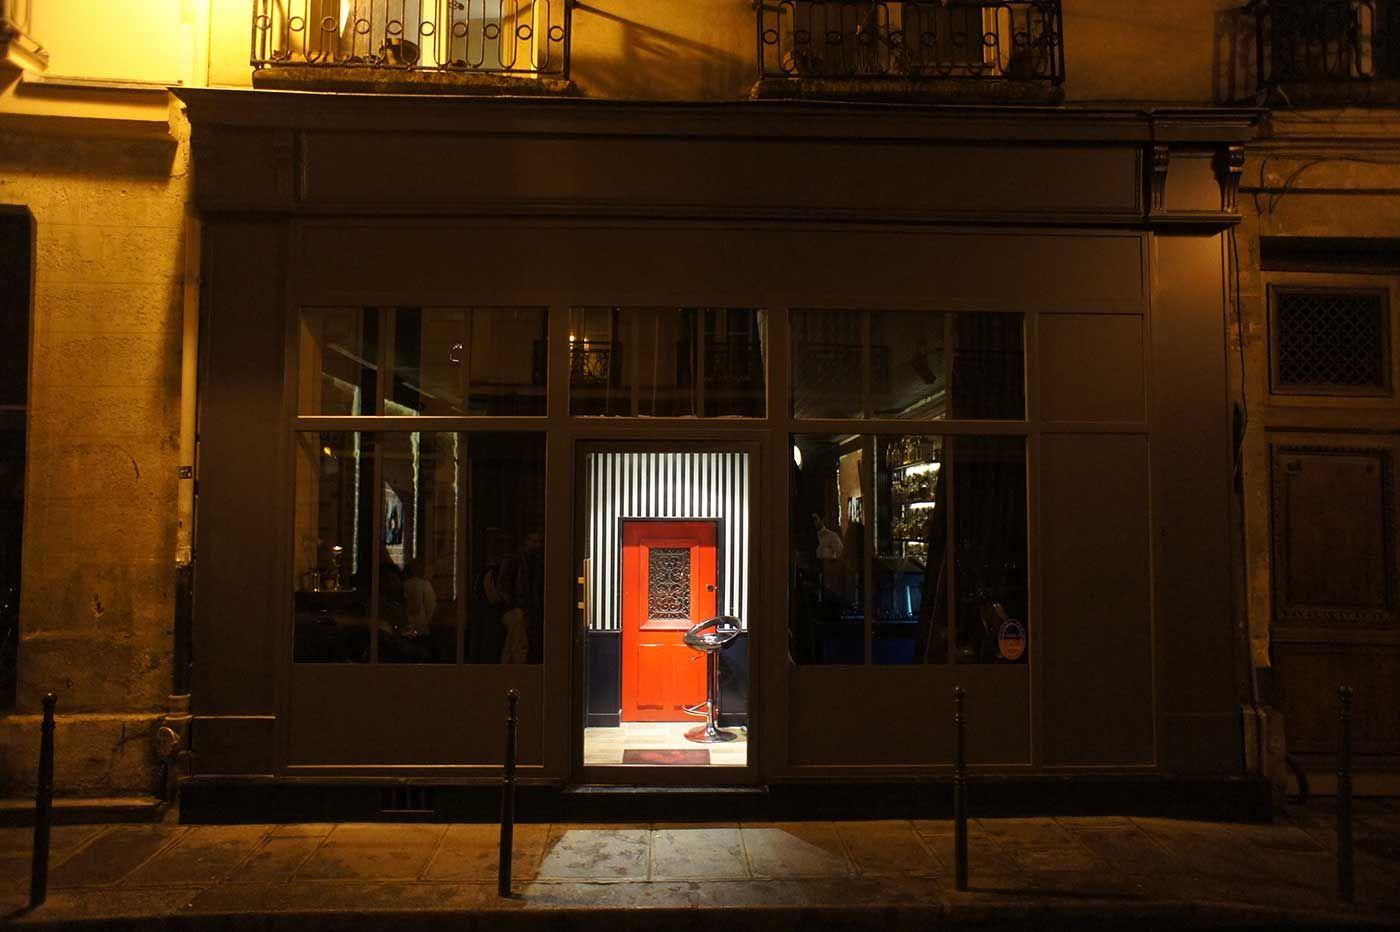 A Cute Little Cocktail Bar In Paris For Our European Adventure